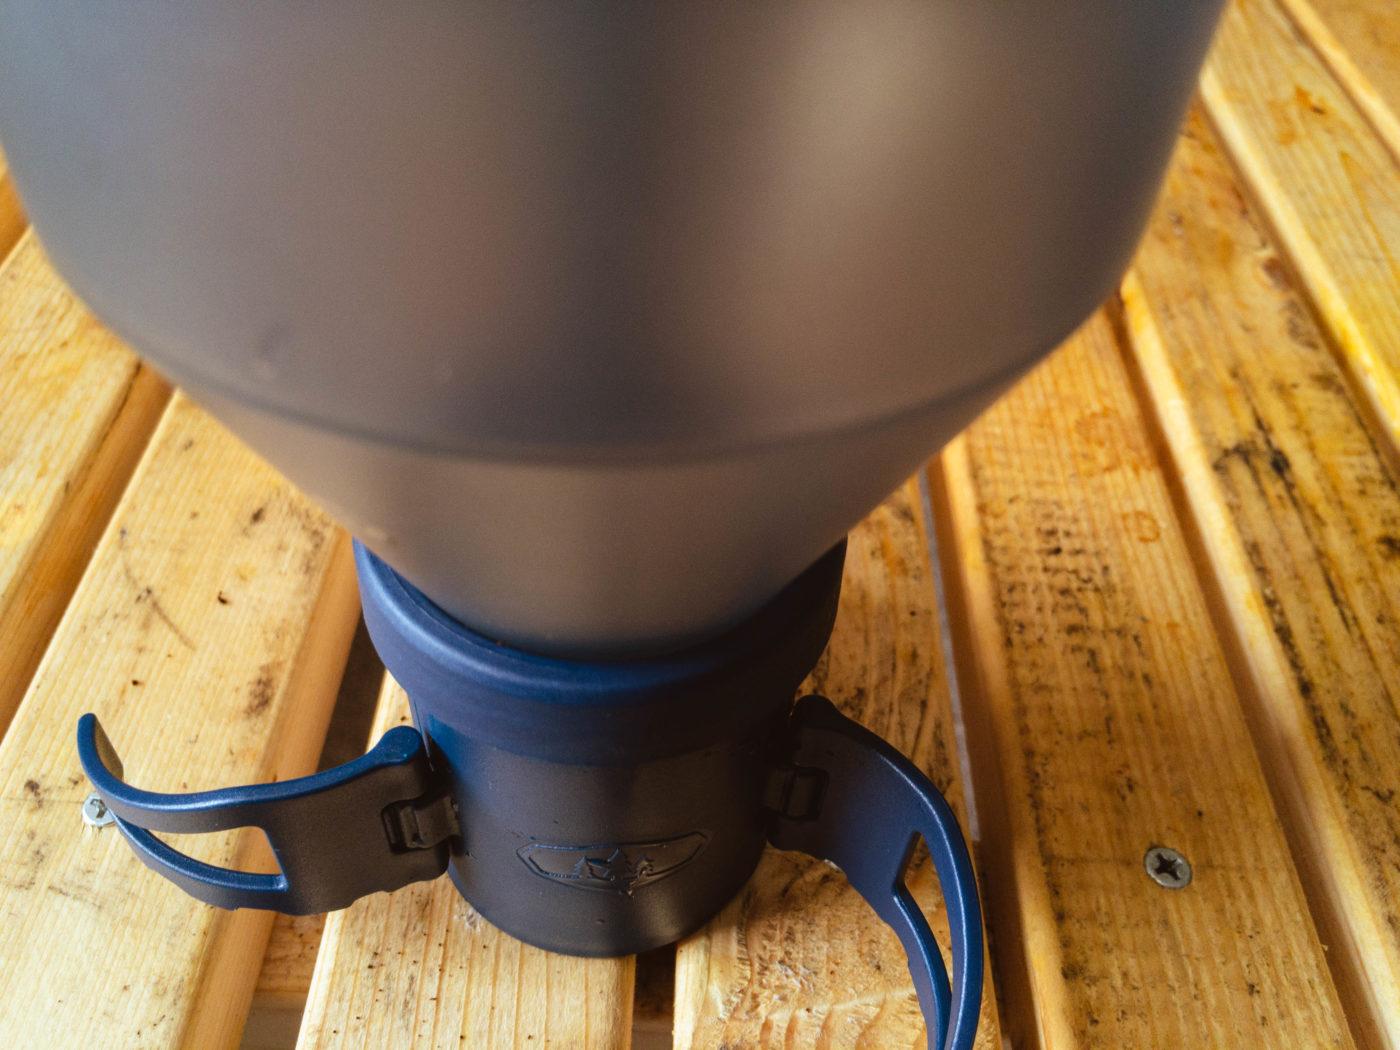 コーヒーロケットの接続部分を紹介する写真